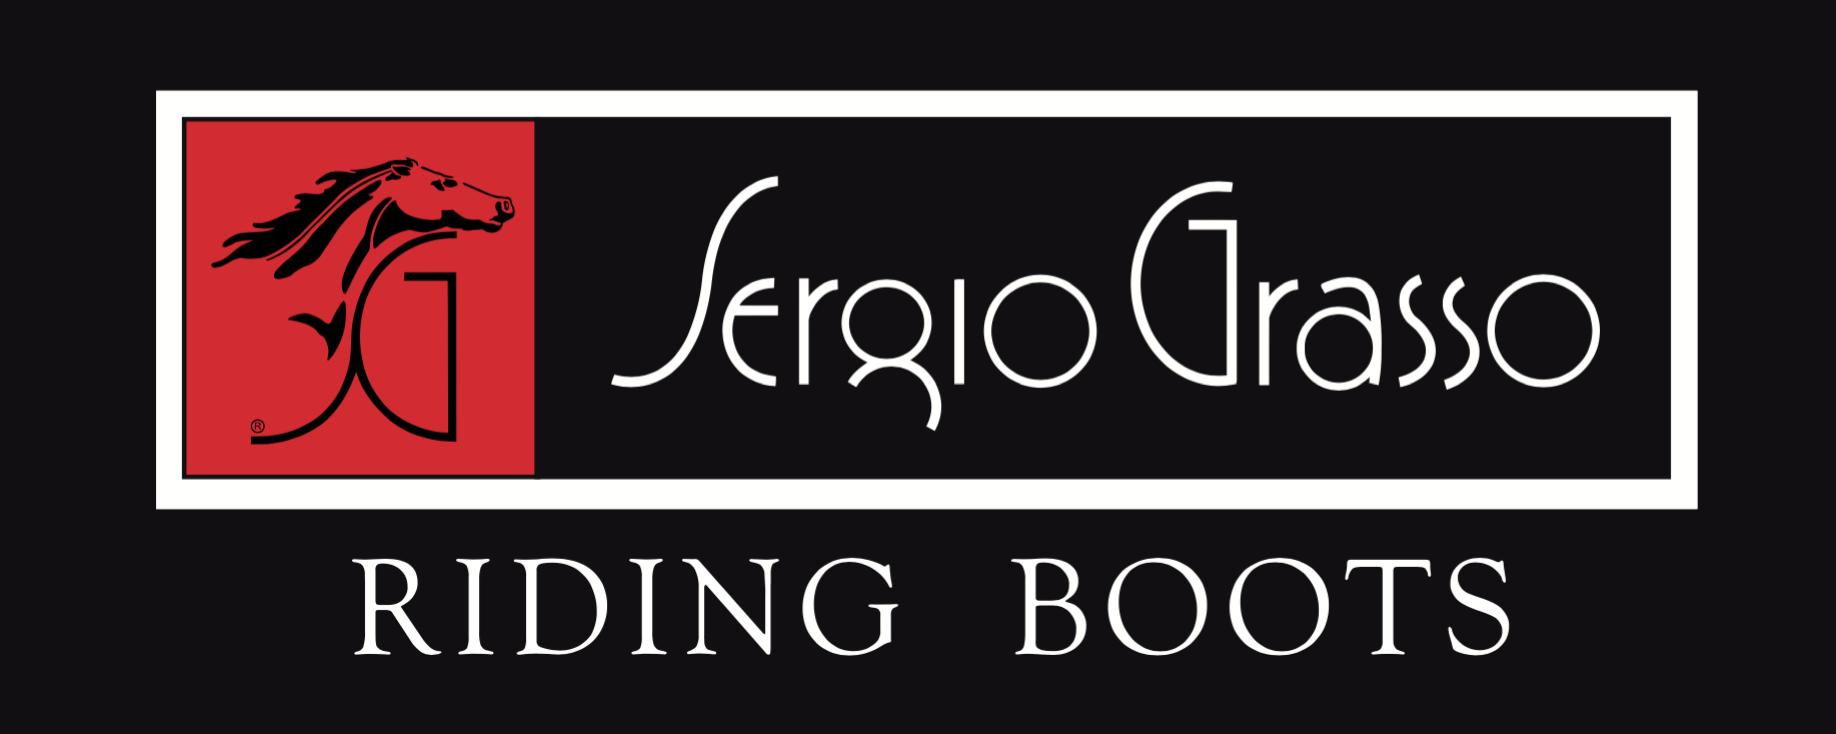 Sergio Grasso Riding Boots